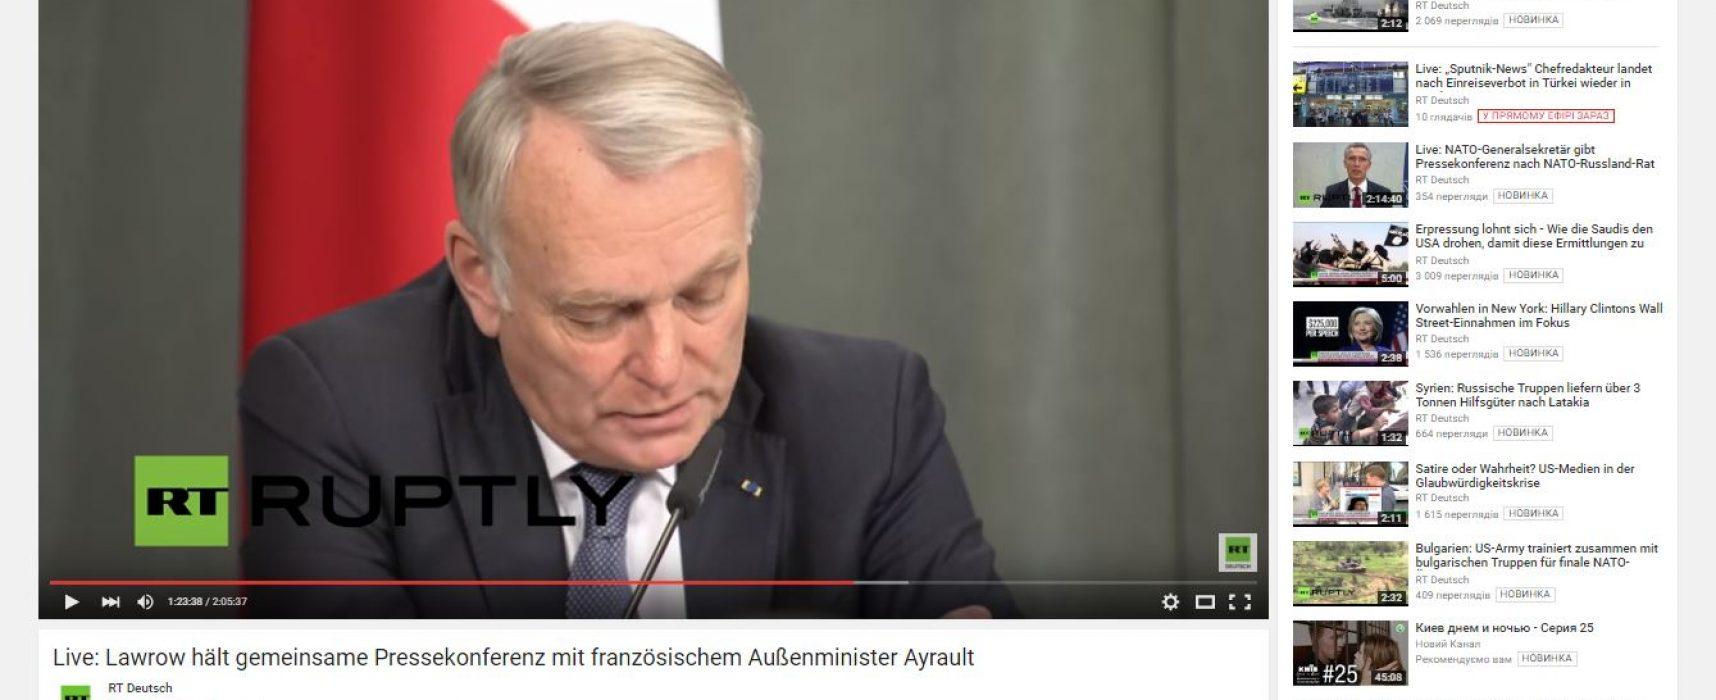 Los medios de comunicación rusos y ucranianos distorsionaron las palabras del ministro de Asuntos Exteriores de Francia